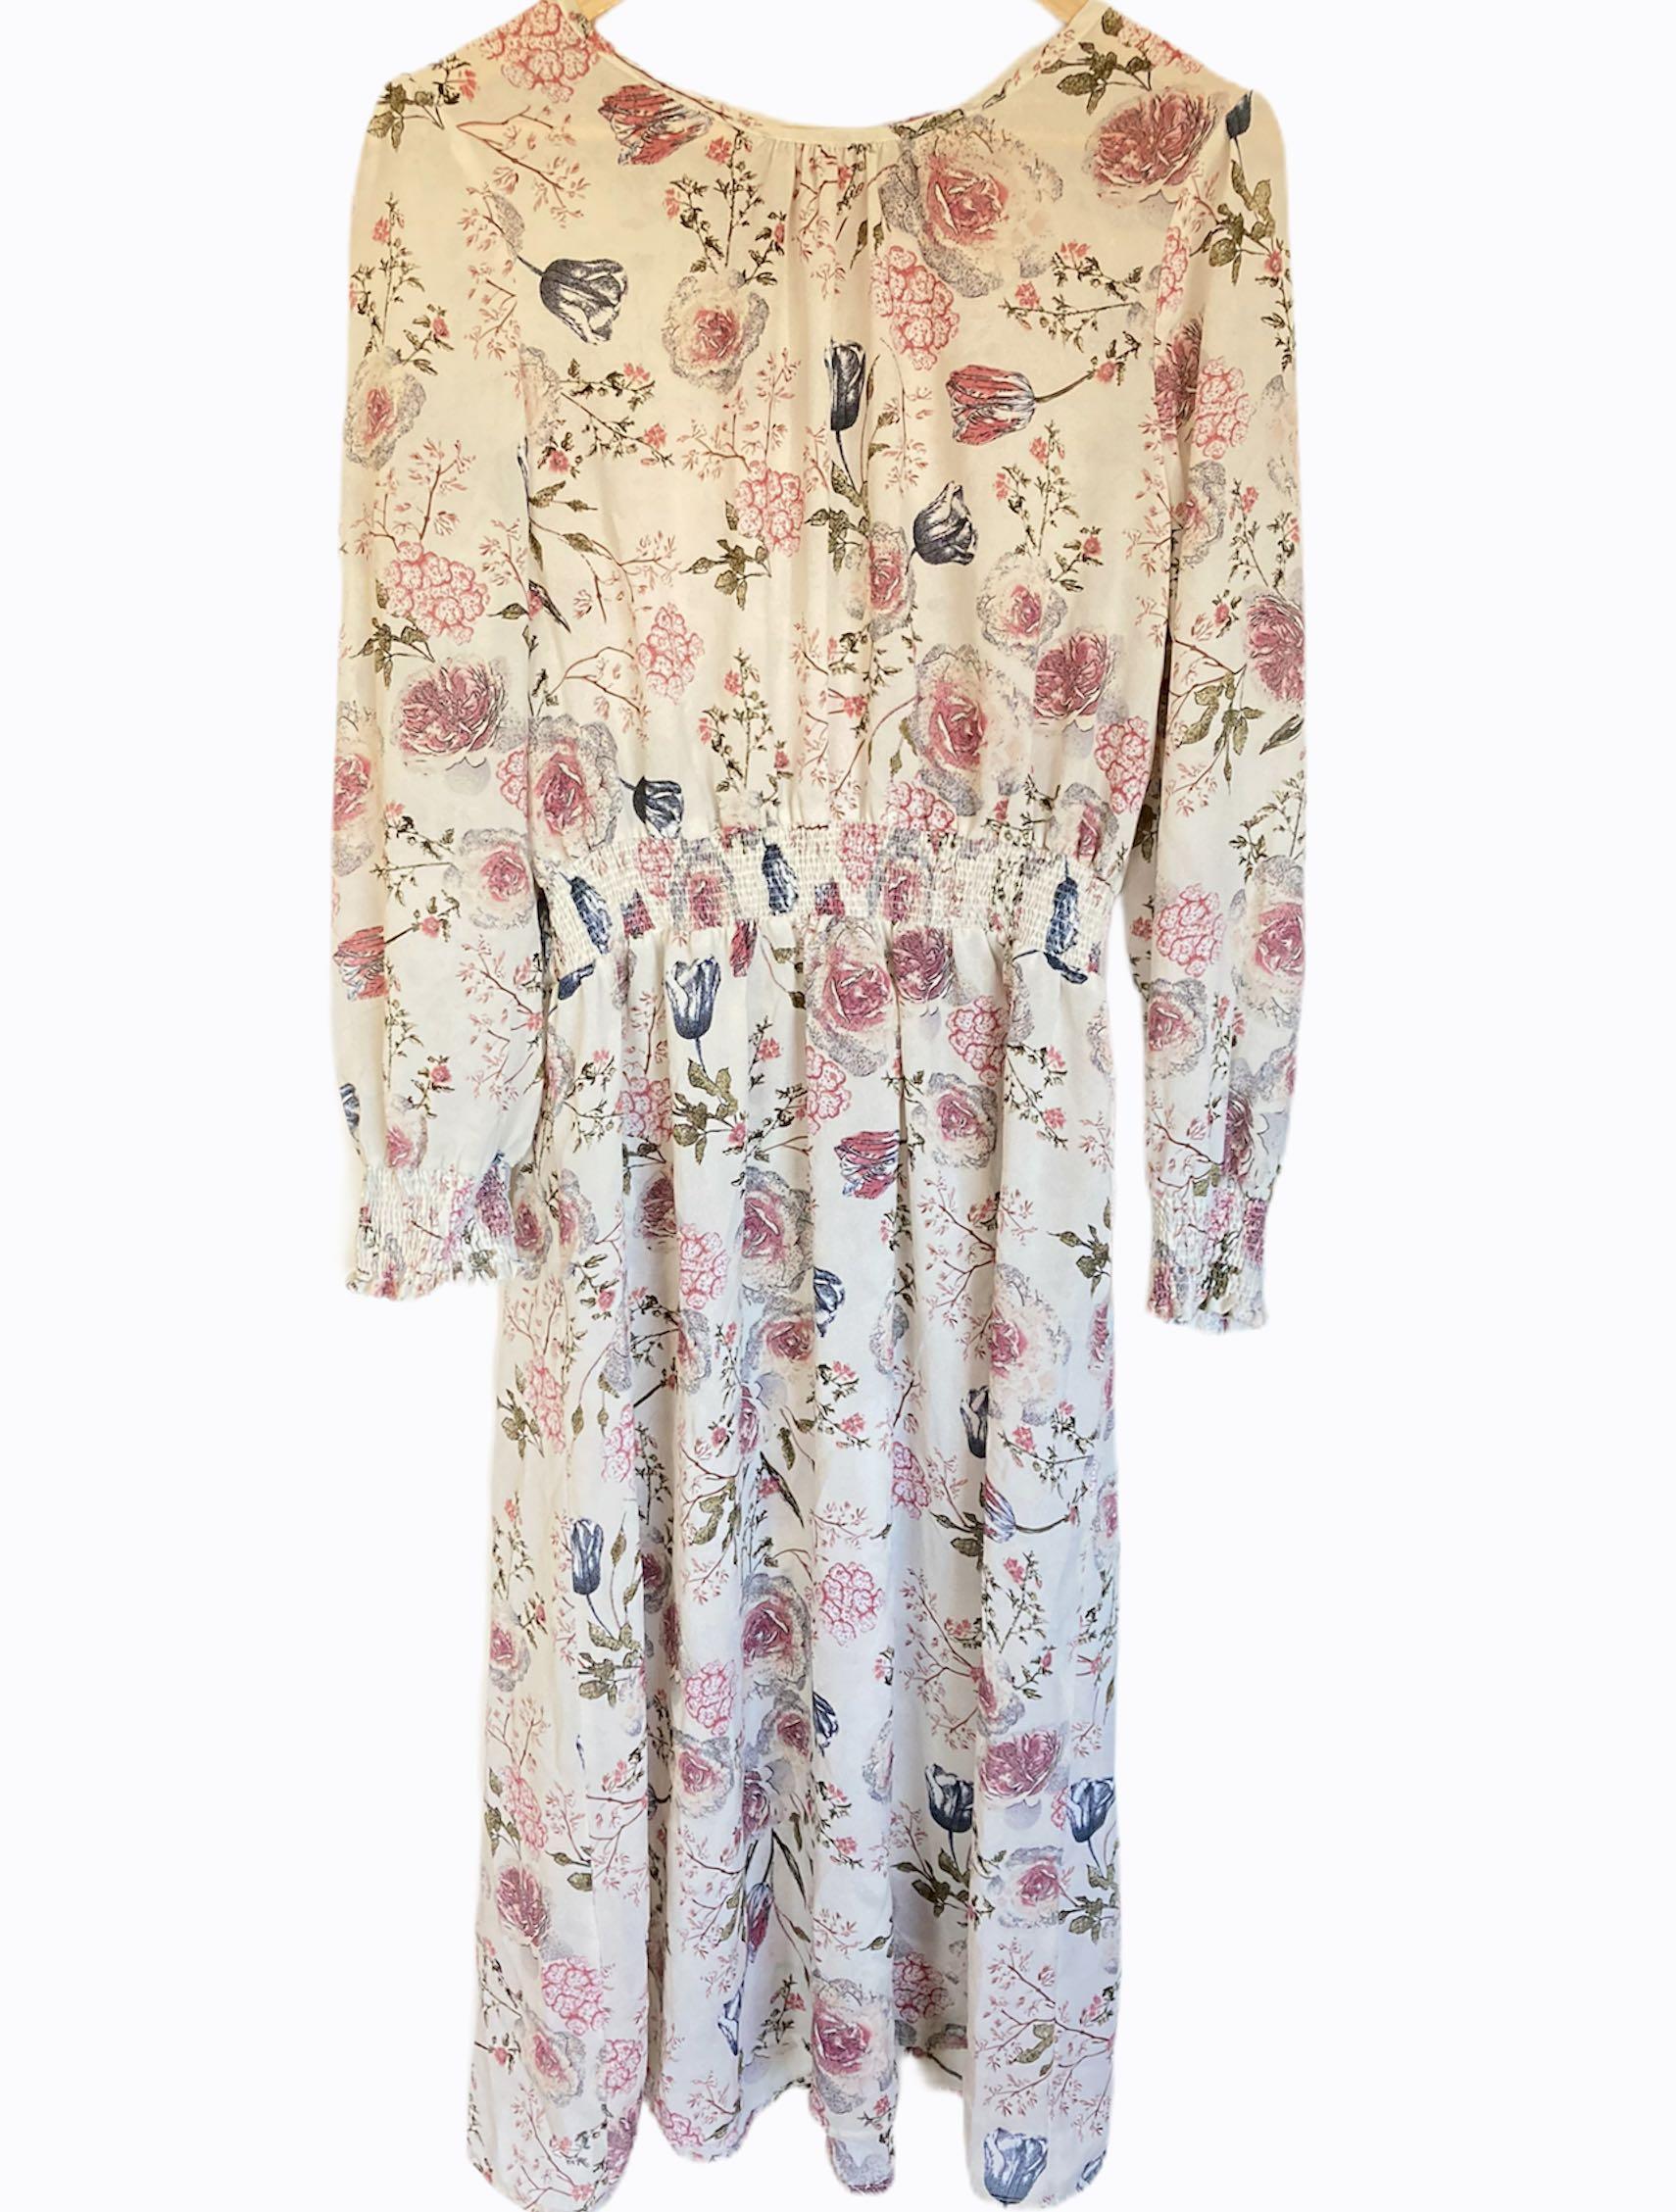 Midi floral dress - Used